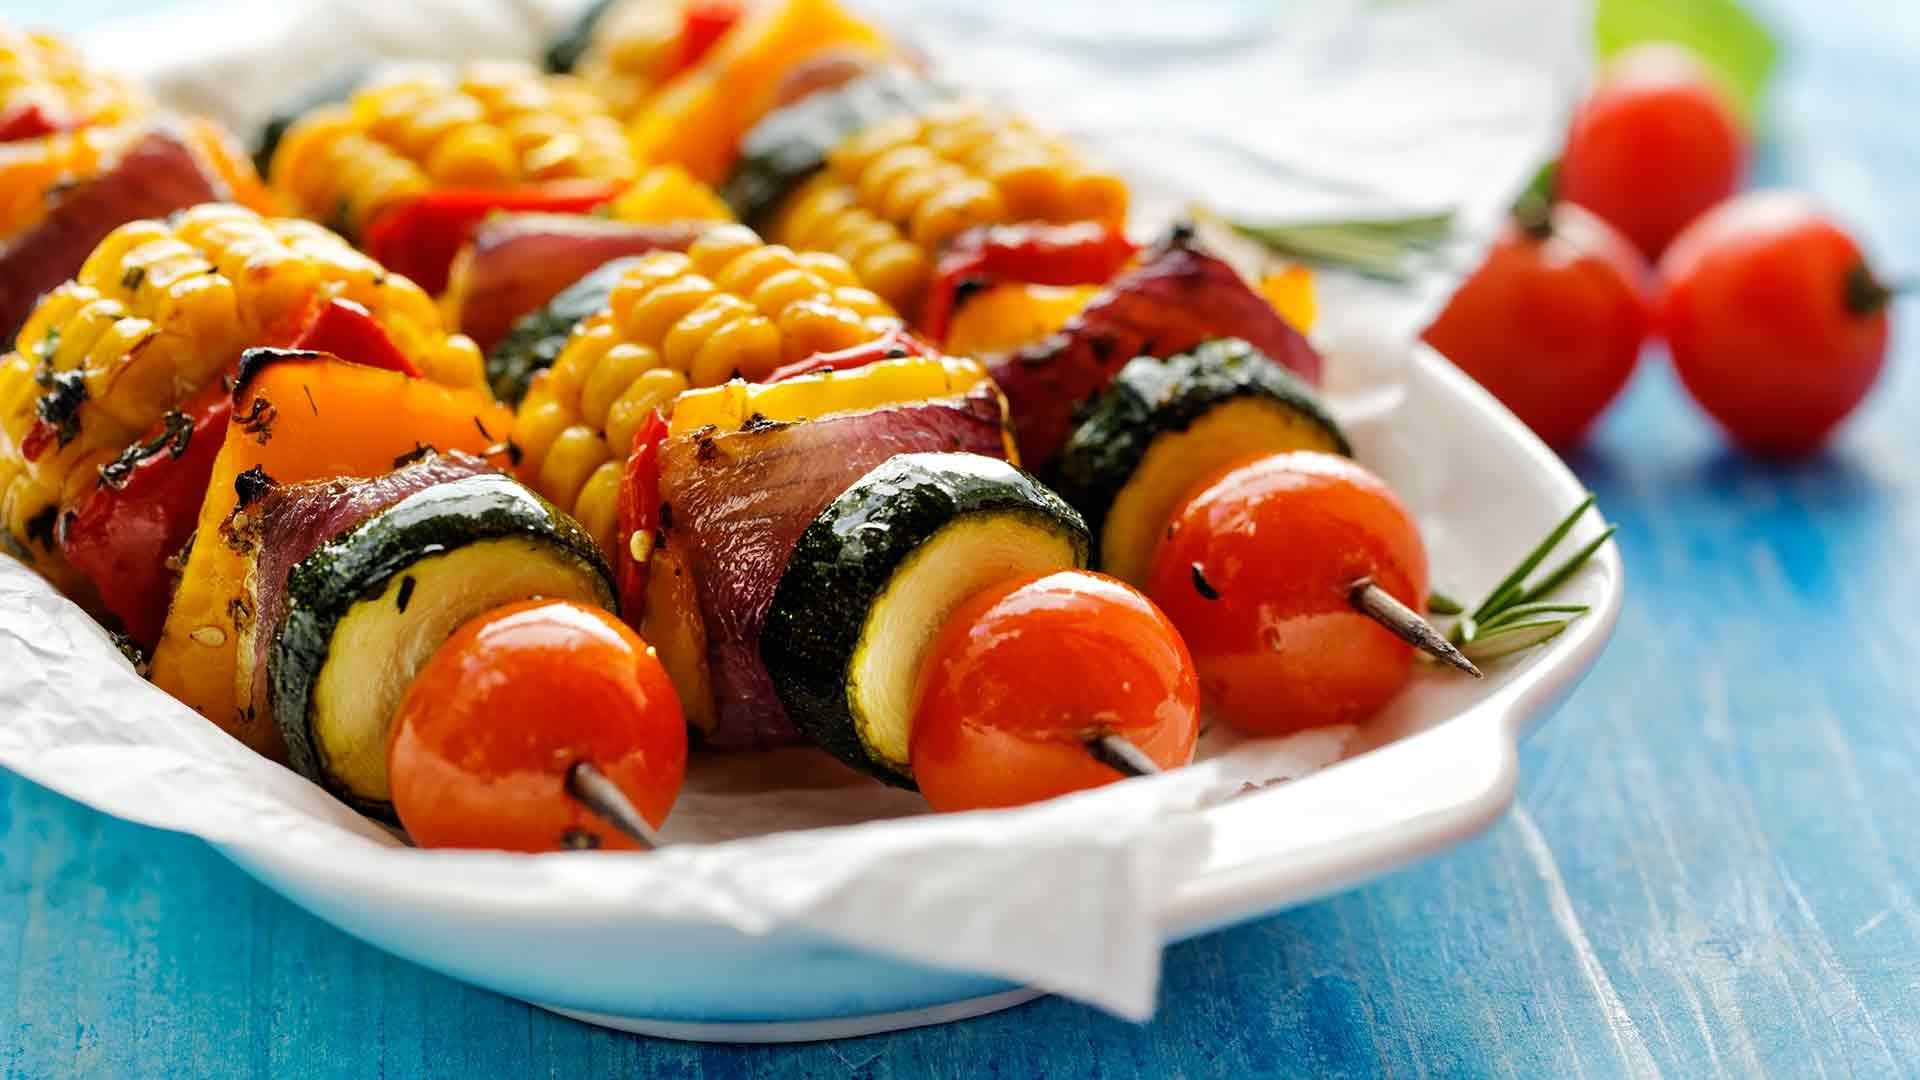 Vegetable skewers with corn.